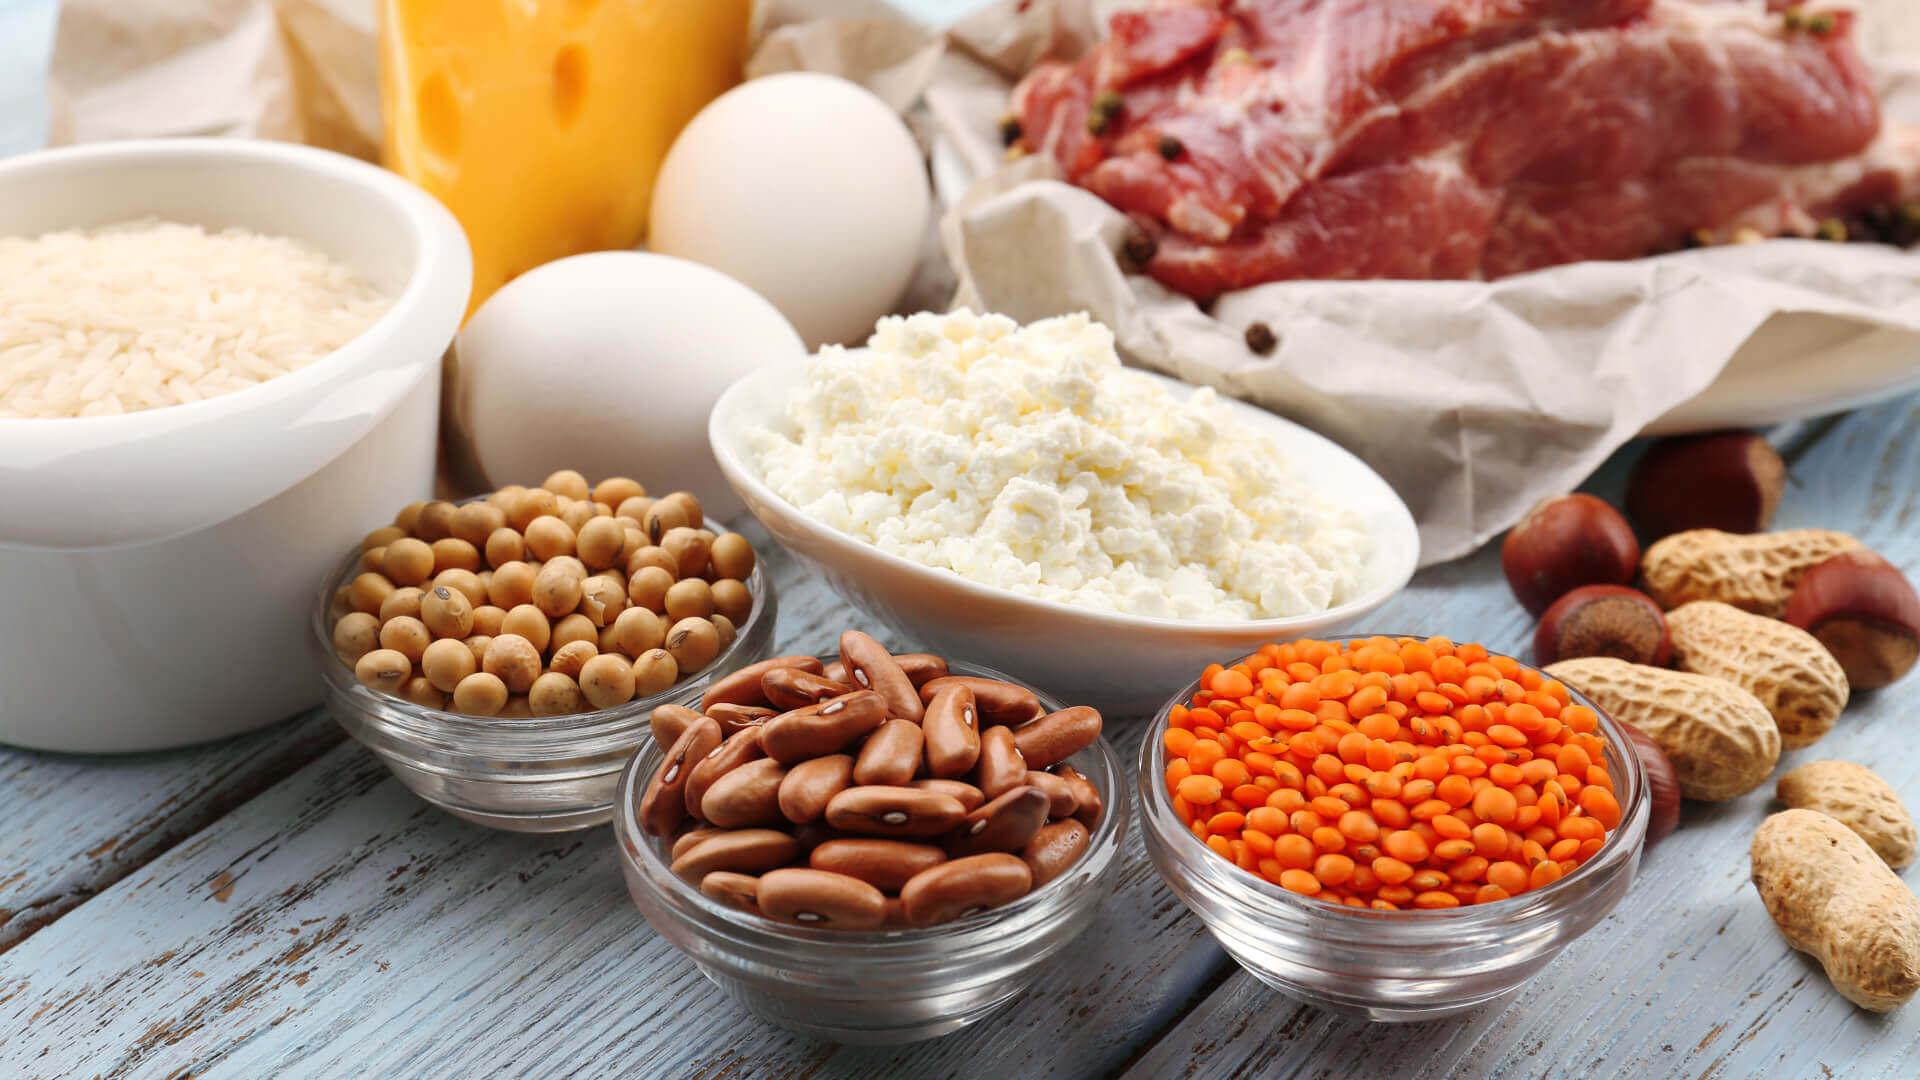 Najlepsze źródła białka w pożywieniu